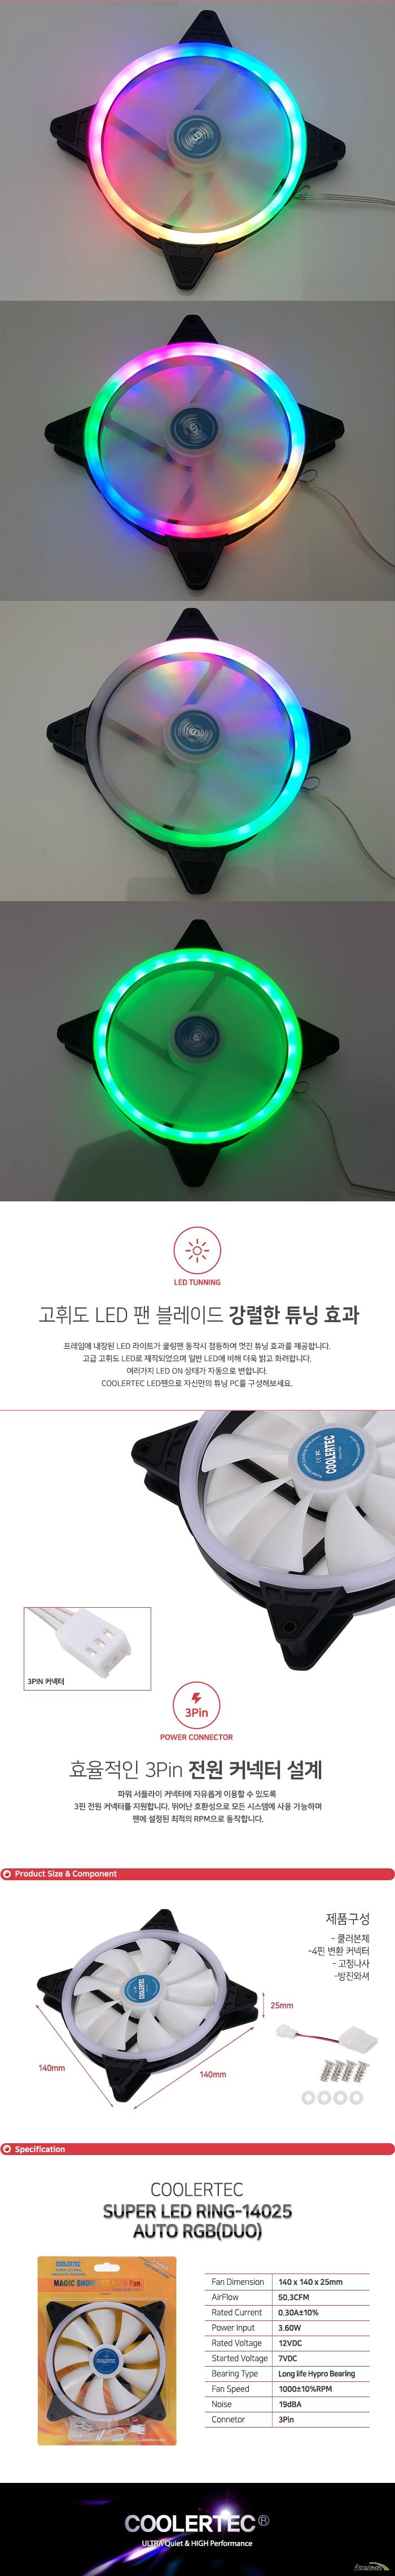 프레임에 내장된 LED 라이트가 쿨링팬 동작시 점등하여 멋진 튜닝 효과를 제공합니다. 고급 고휘도 LED로 제작되었으며 일반 LED에 비해 더욱 밝고 화려합니다. 여러가지 LED ON 상태가 자동으로 변합니다. COOLERTEC LED팬으로 자신만의 튜닝 PC를 구성해보세요.프레임에 내장된 LED 라이트가 쿨링팬 동작시 점등하여 멋진 튜닝 효과를 제공합니다. COOLERTEC LED팬으로 자신만의 튜닝 PC를 구성해보세요. 파워 서플라이 커넥터에 자유롭게 이용할 수 있도록  3핀 전원 커넥터를 지원합니다. 뛰어난 호환성으로 모든 시스템에 사용 가능하며 팬에 설정된 최적의 RPM으로 동작합니다.